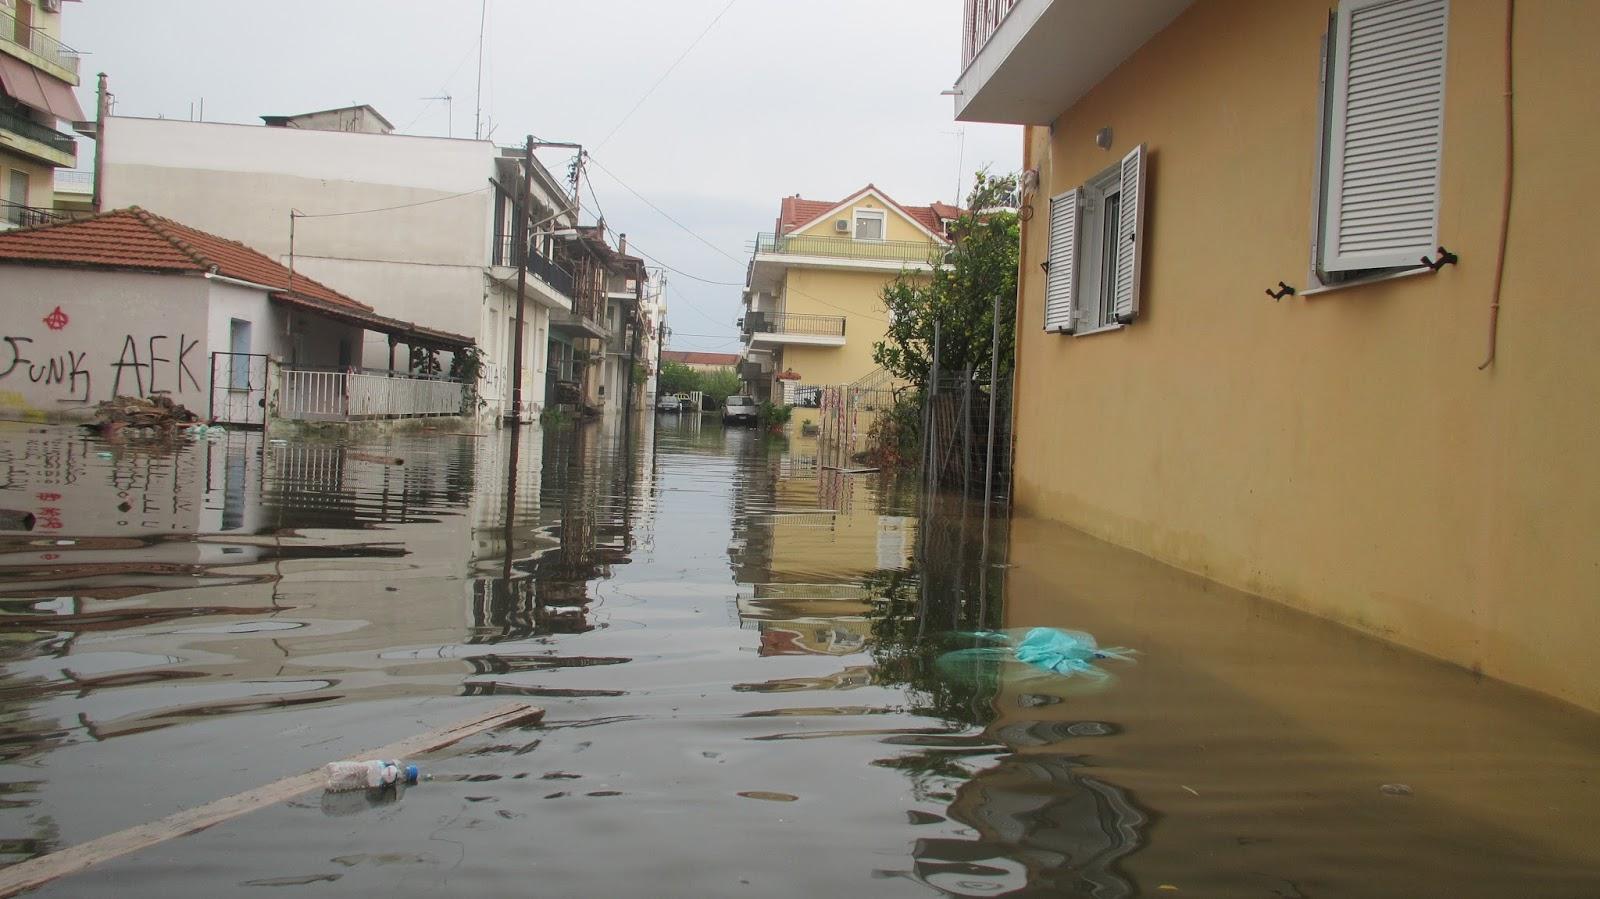 Δήμος Μεσολογγίου: έγκριση Χαρίτση για την  χρηματοδότηση της αποκατάστασης ζημιών από τα  καιρικά φαινόμενα